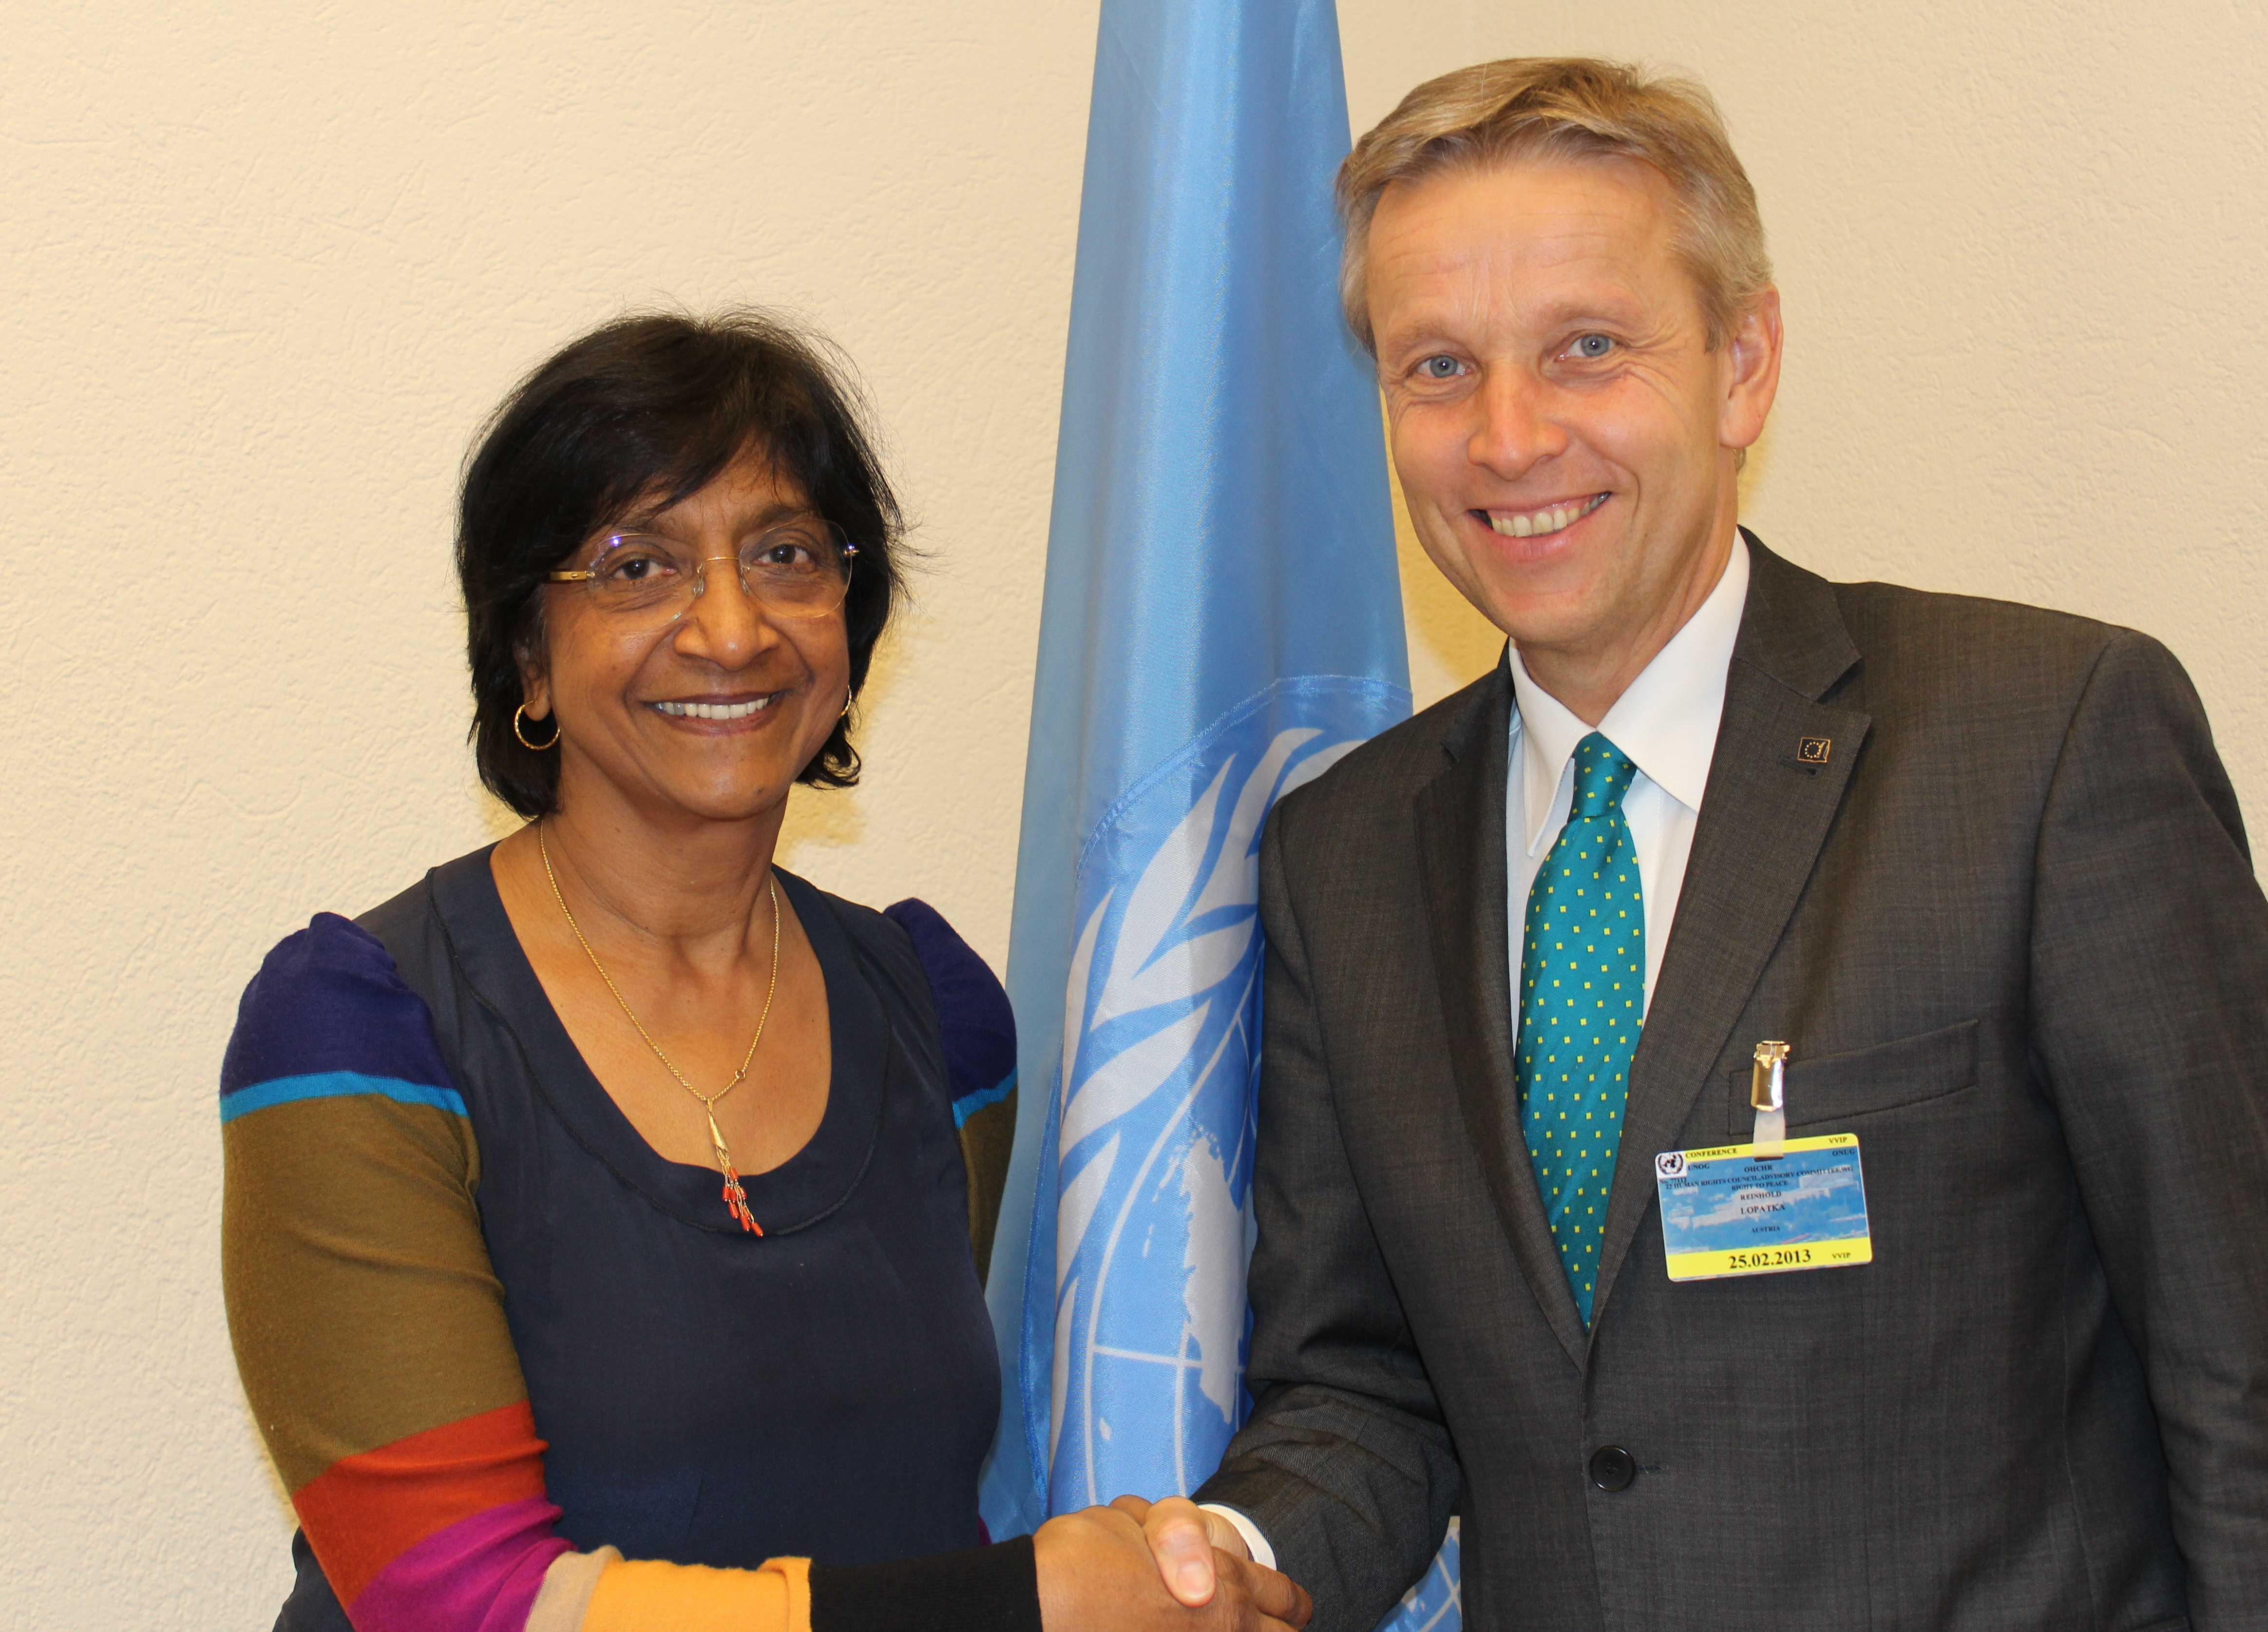 (c) BMEIA, STS Lopatka trifft Hochkommissarin für Menschenrechte Navi Pillay